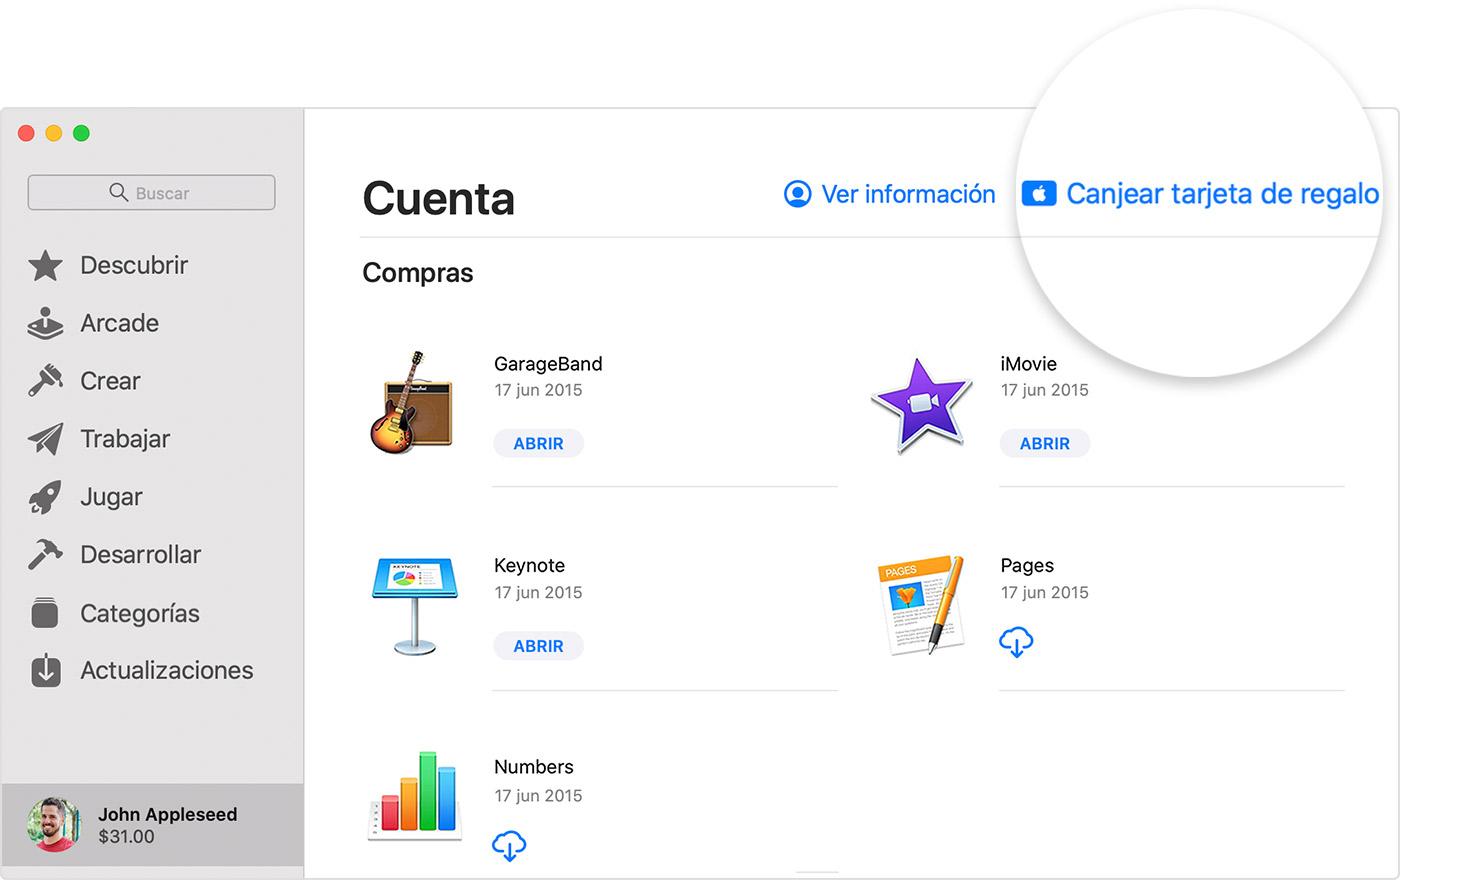 Mac en la que se muestra el botón Canjear tarjeta de regalo en AppStore.